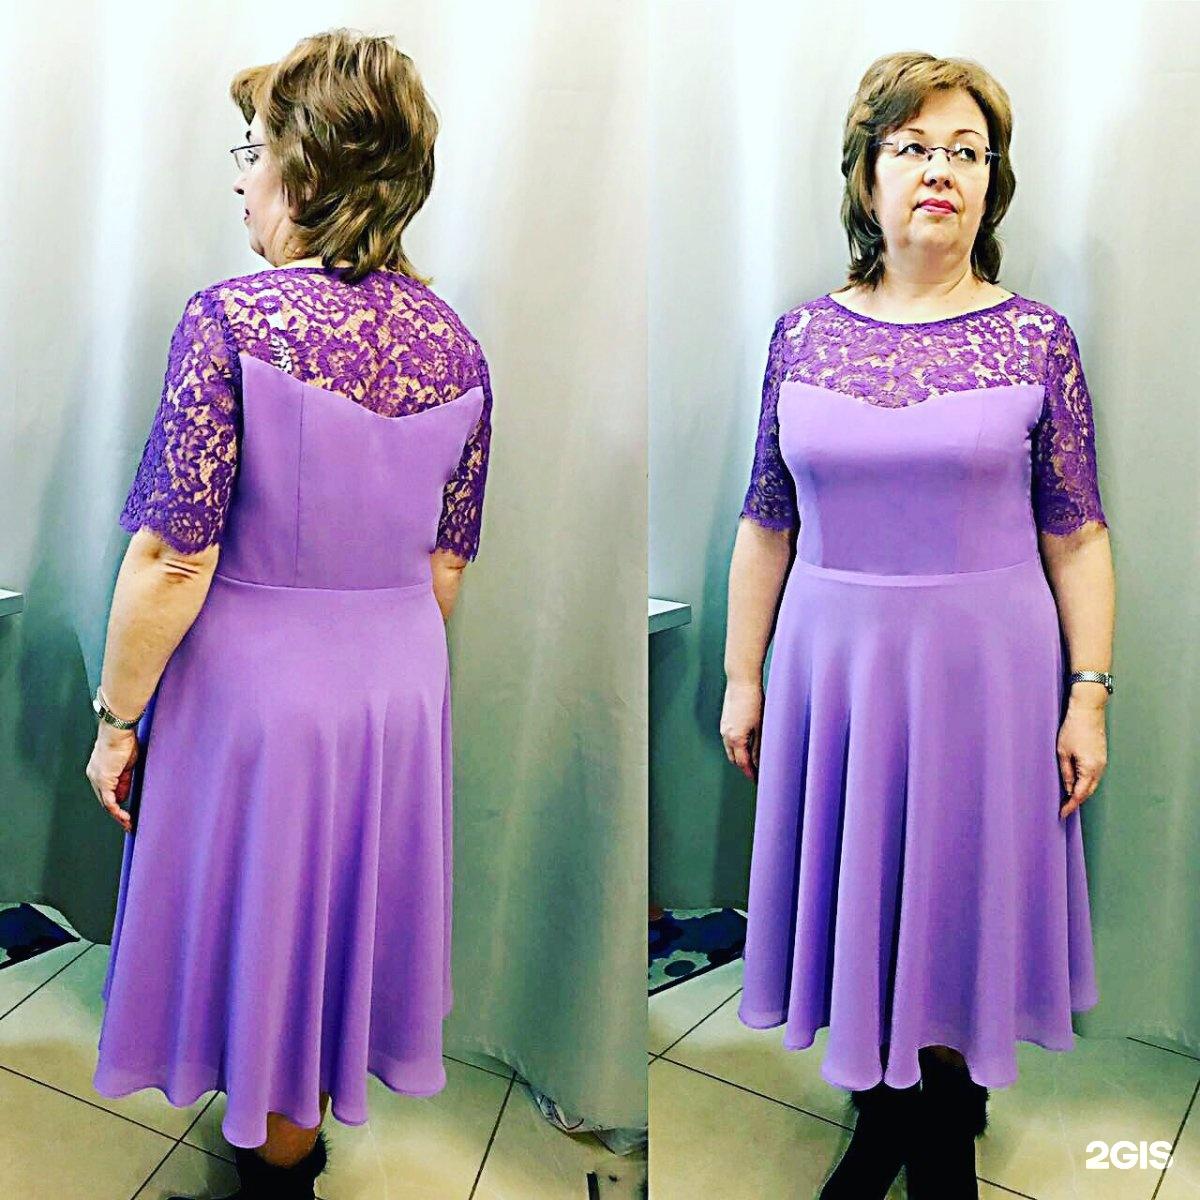 В ателье сшили 26 платьев, костюмов на 4 больше, чем платьев 18